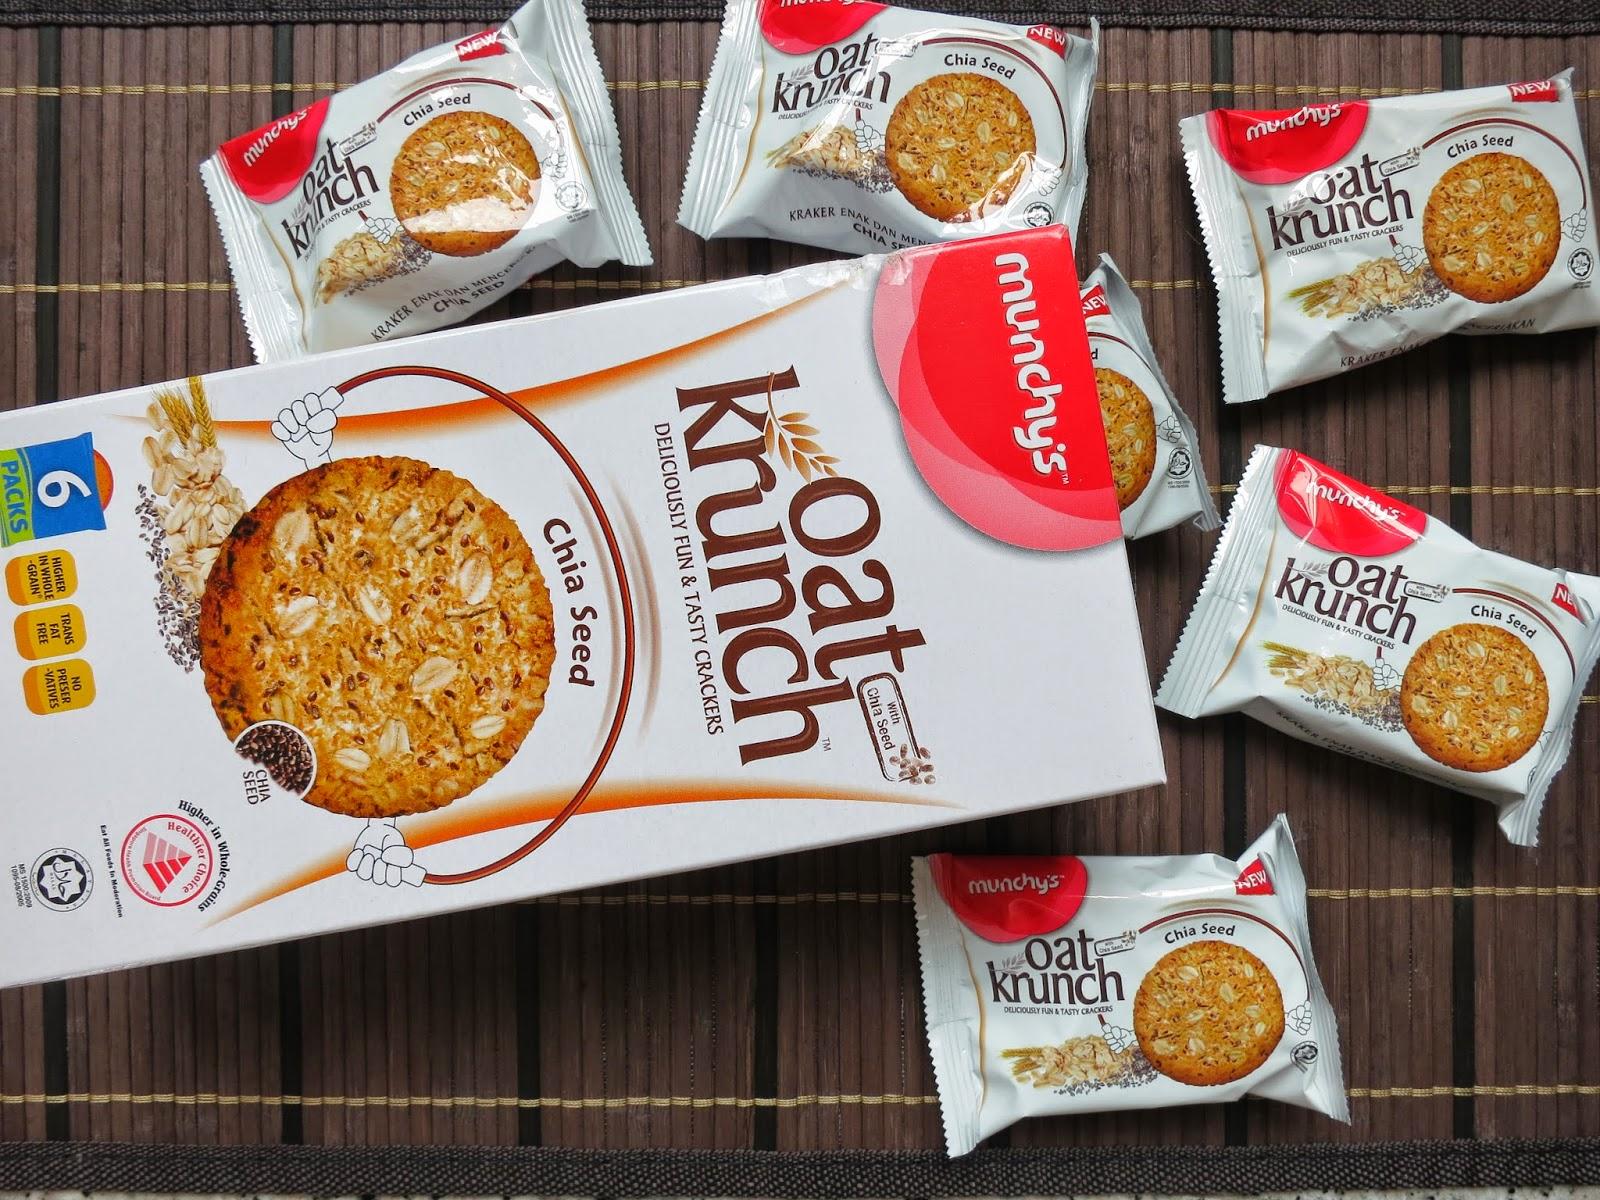 Bekalan Makanan Sihat Untuk Kanak-Kanak Sekolah, Snek sihat, biskut, makanan sihat, oat krunch, biskut oat, biskut berkhasiat, biskut oat krunch